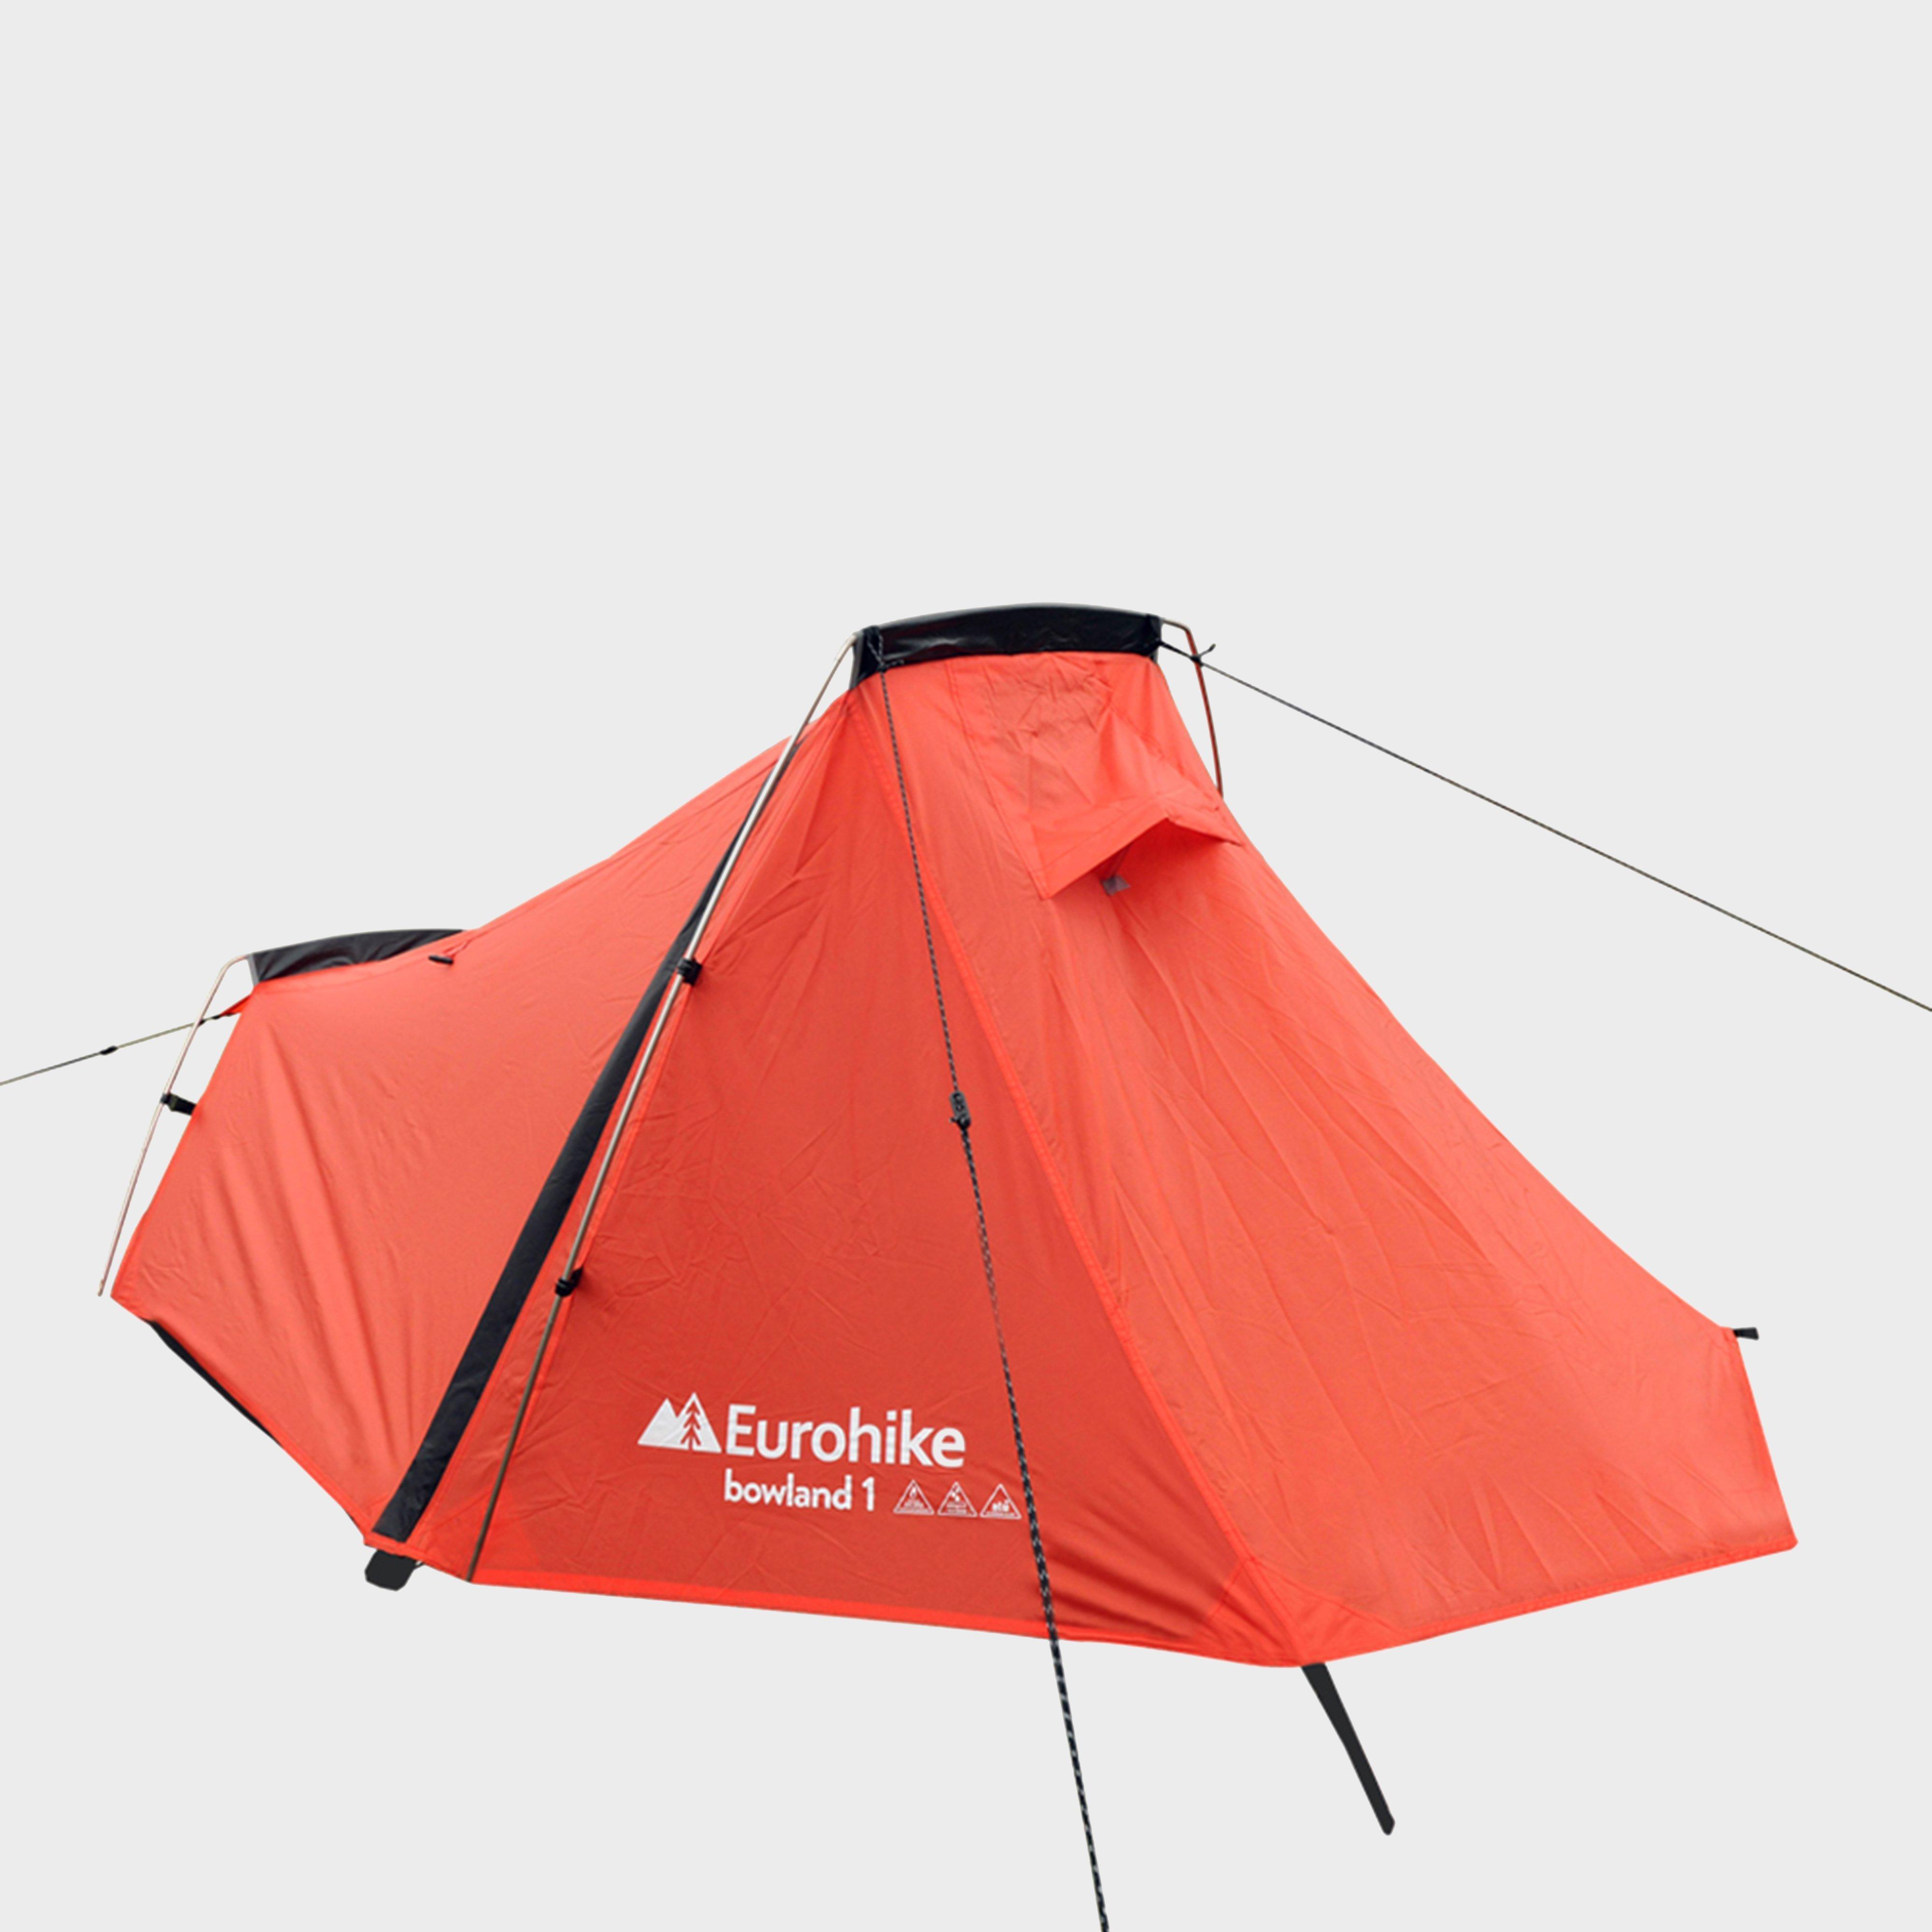 Eurohike Bowland 1 Backpacking Tent - Orange, Orange